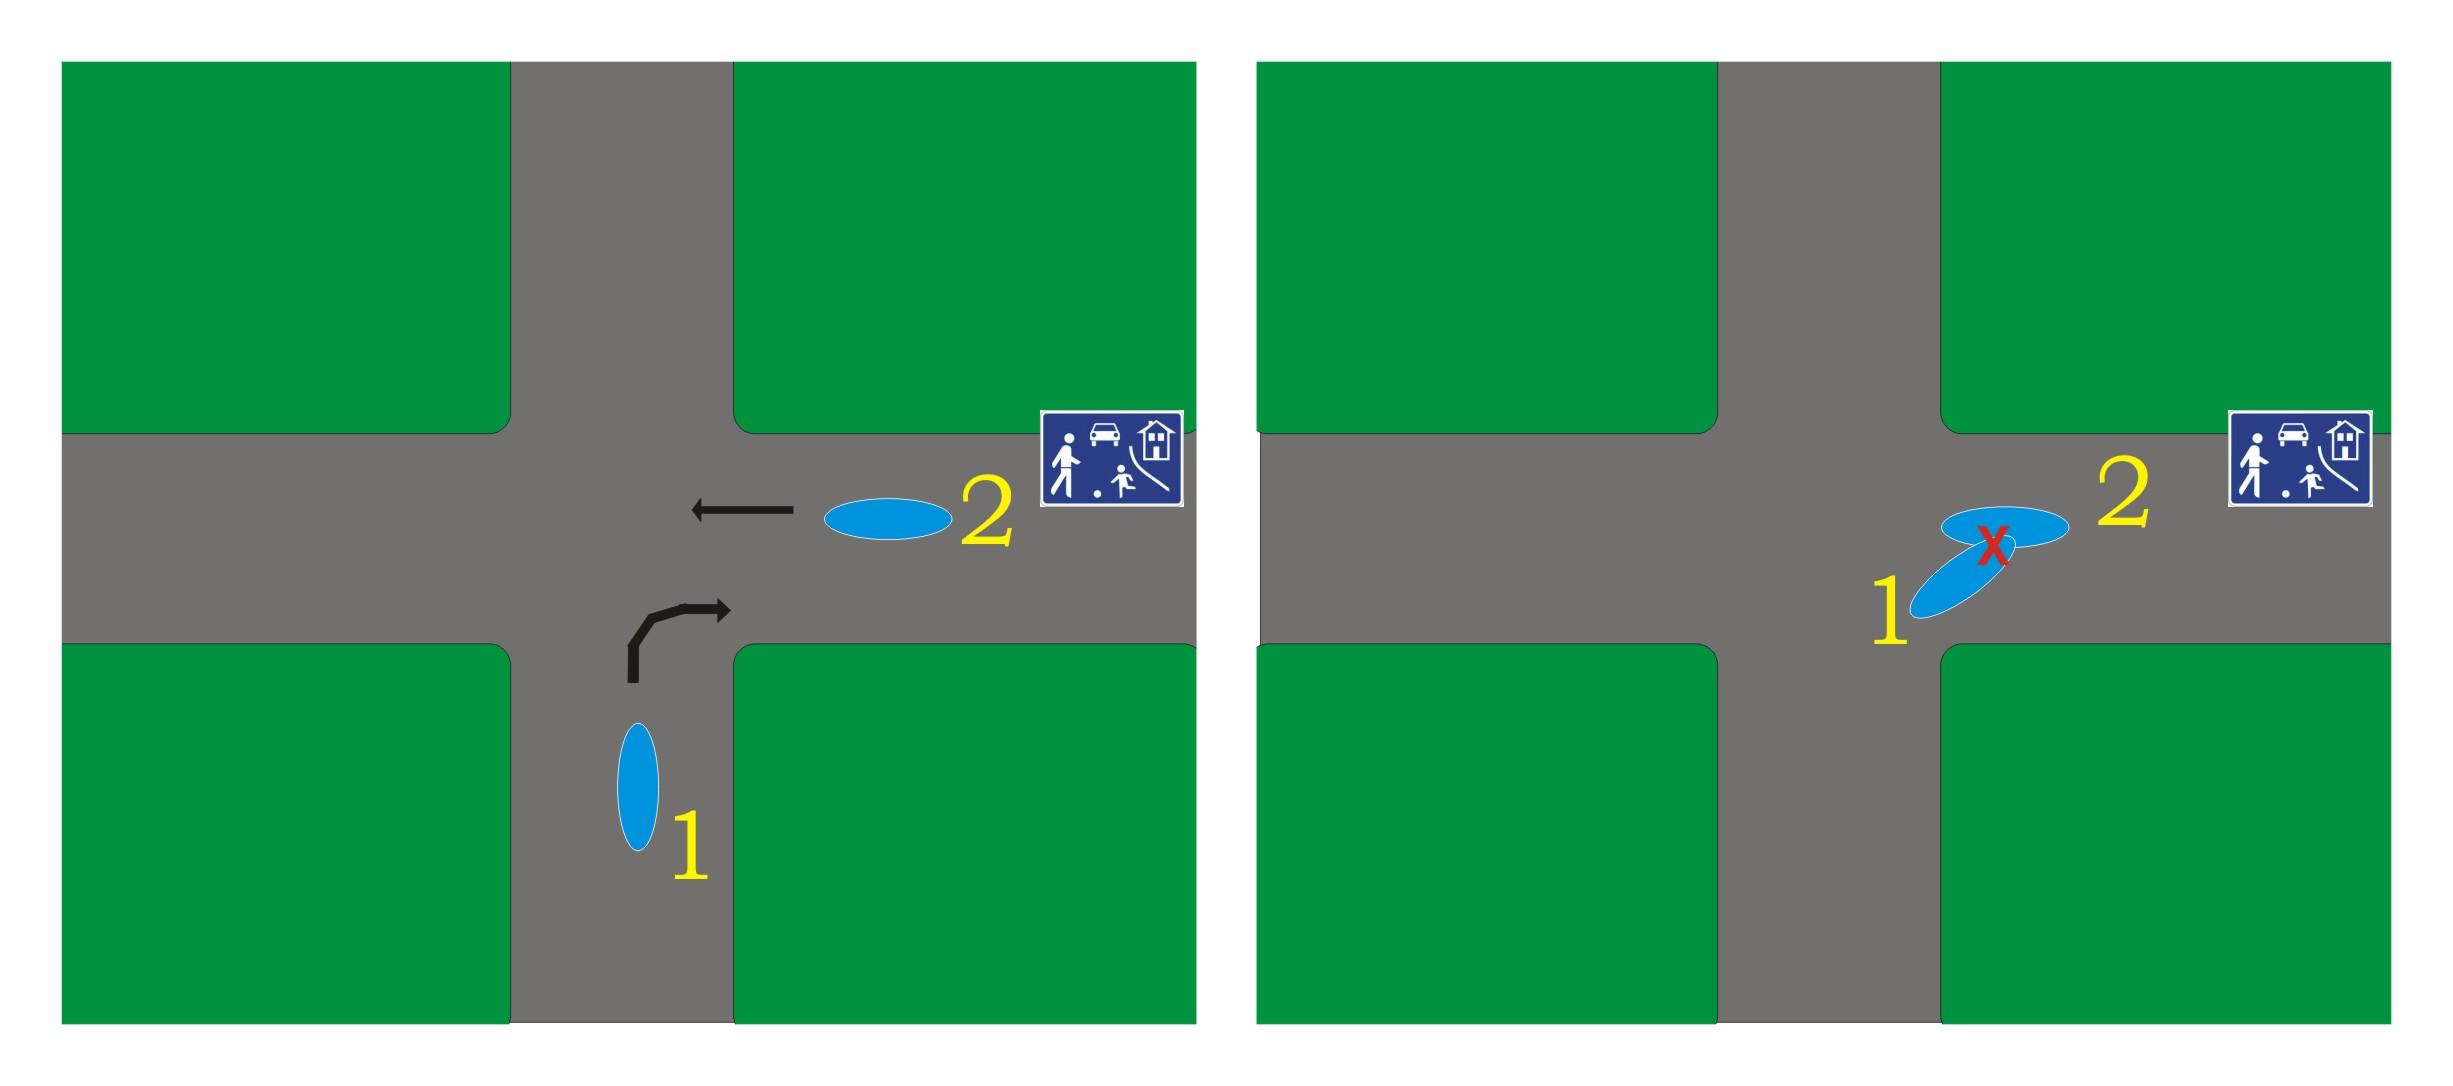 Straßenverkehr Spielstraße Rechts Vor Links Schuldfrage Und